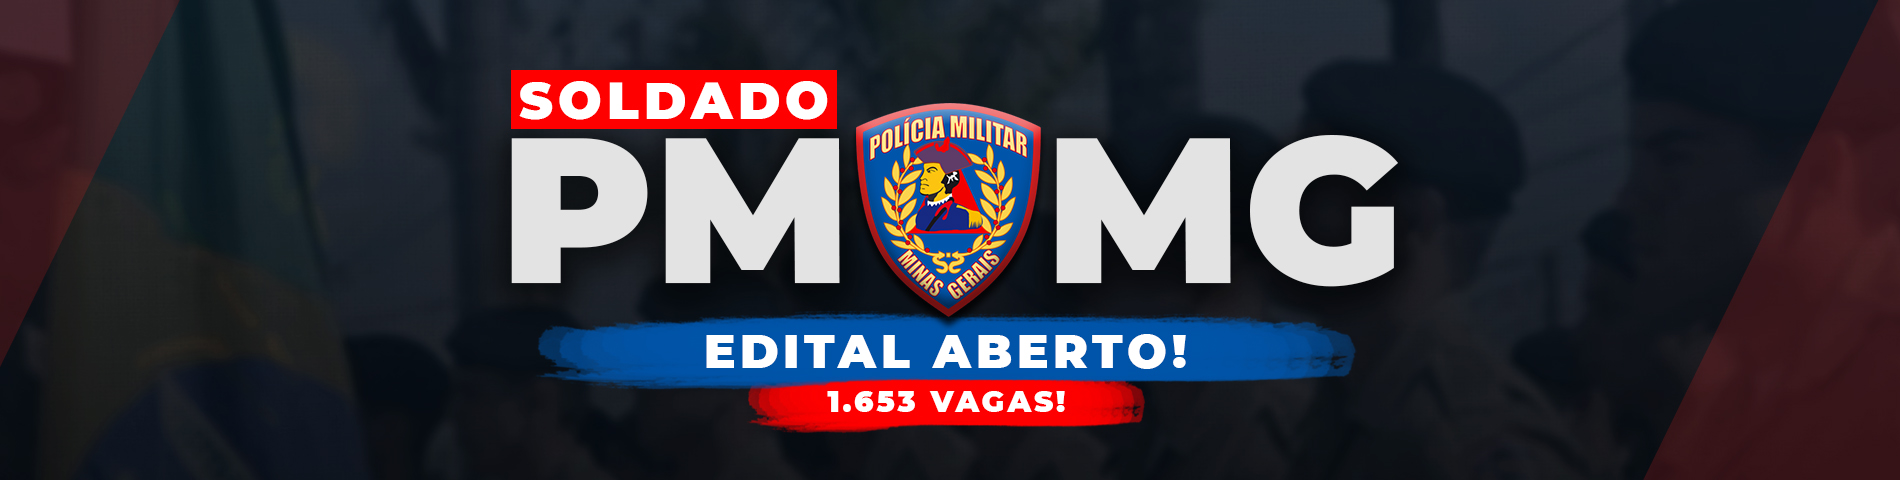 Concurso PMMG aberto